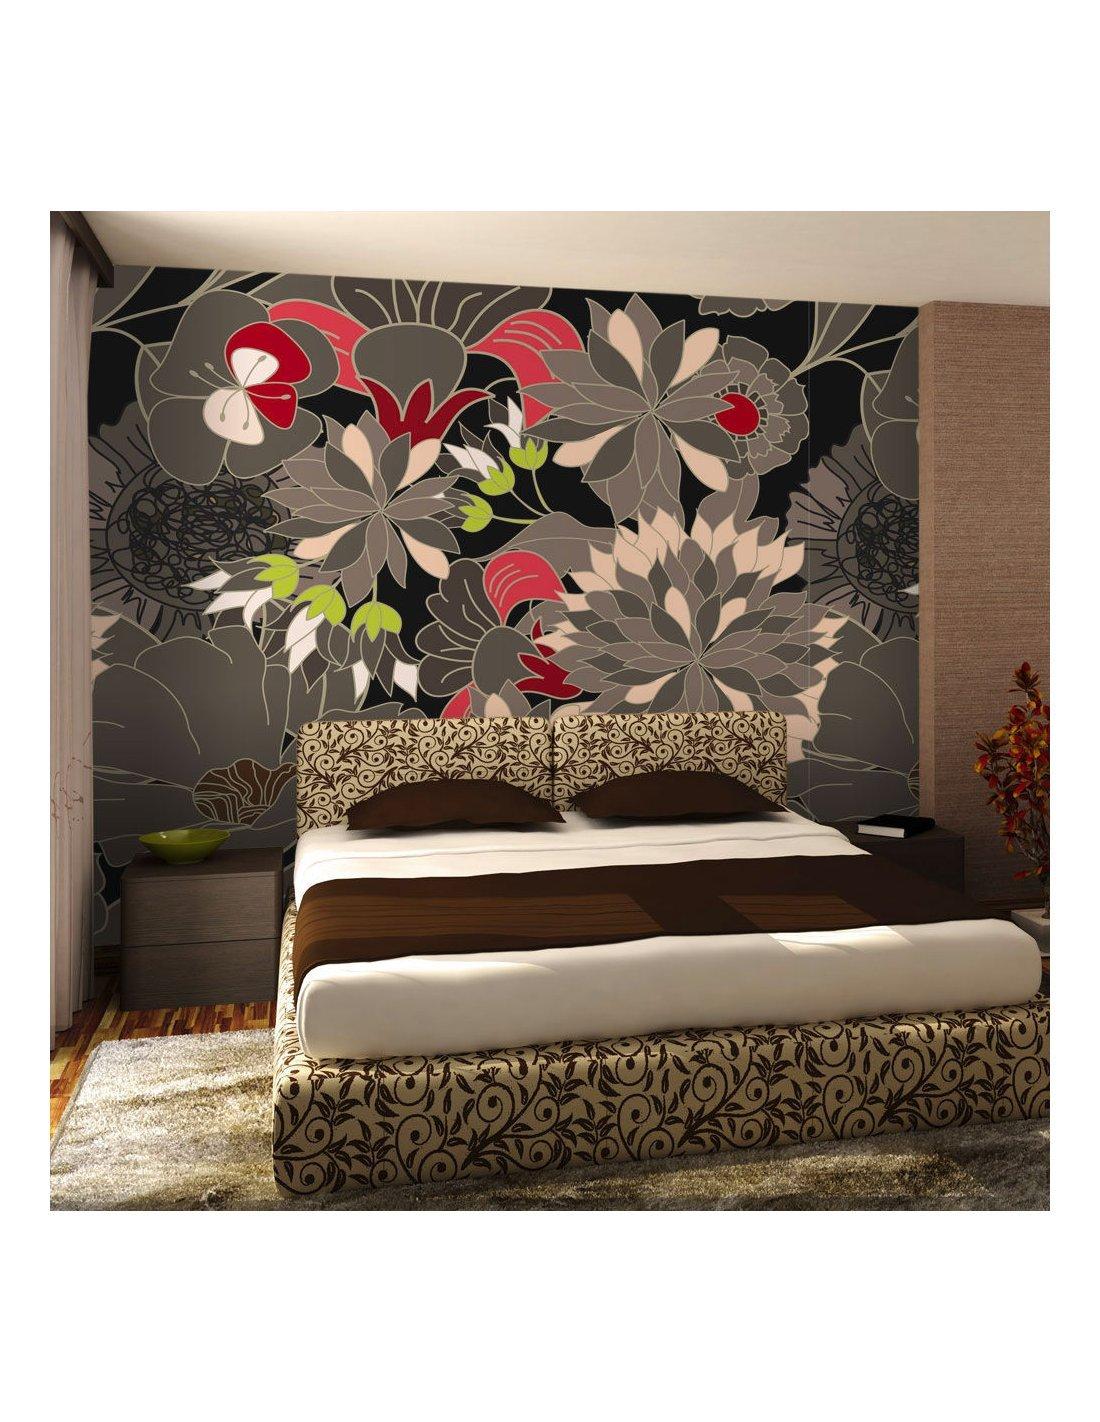 papier peint motif floral gris 89 90 chez recollection. Black Bedroom Furniture Sets. Home Design Ideas